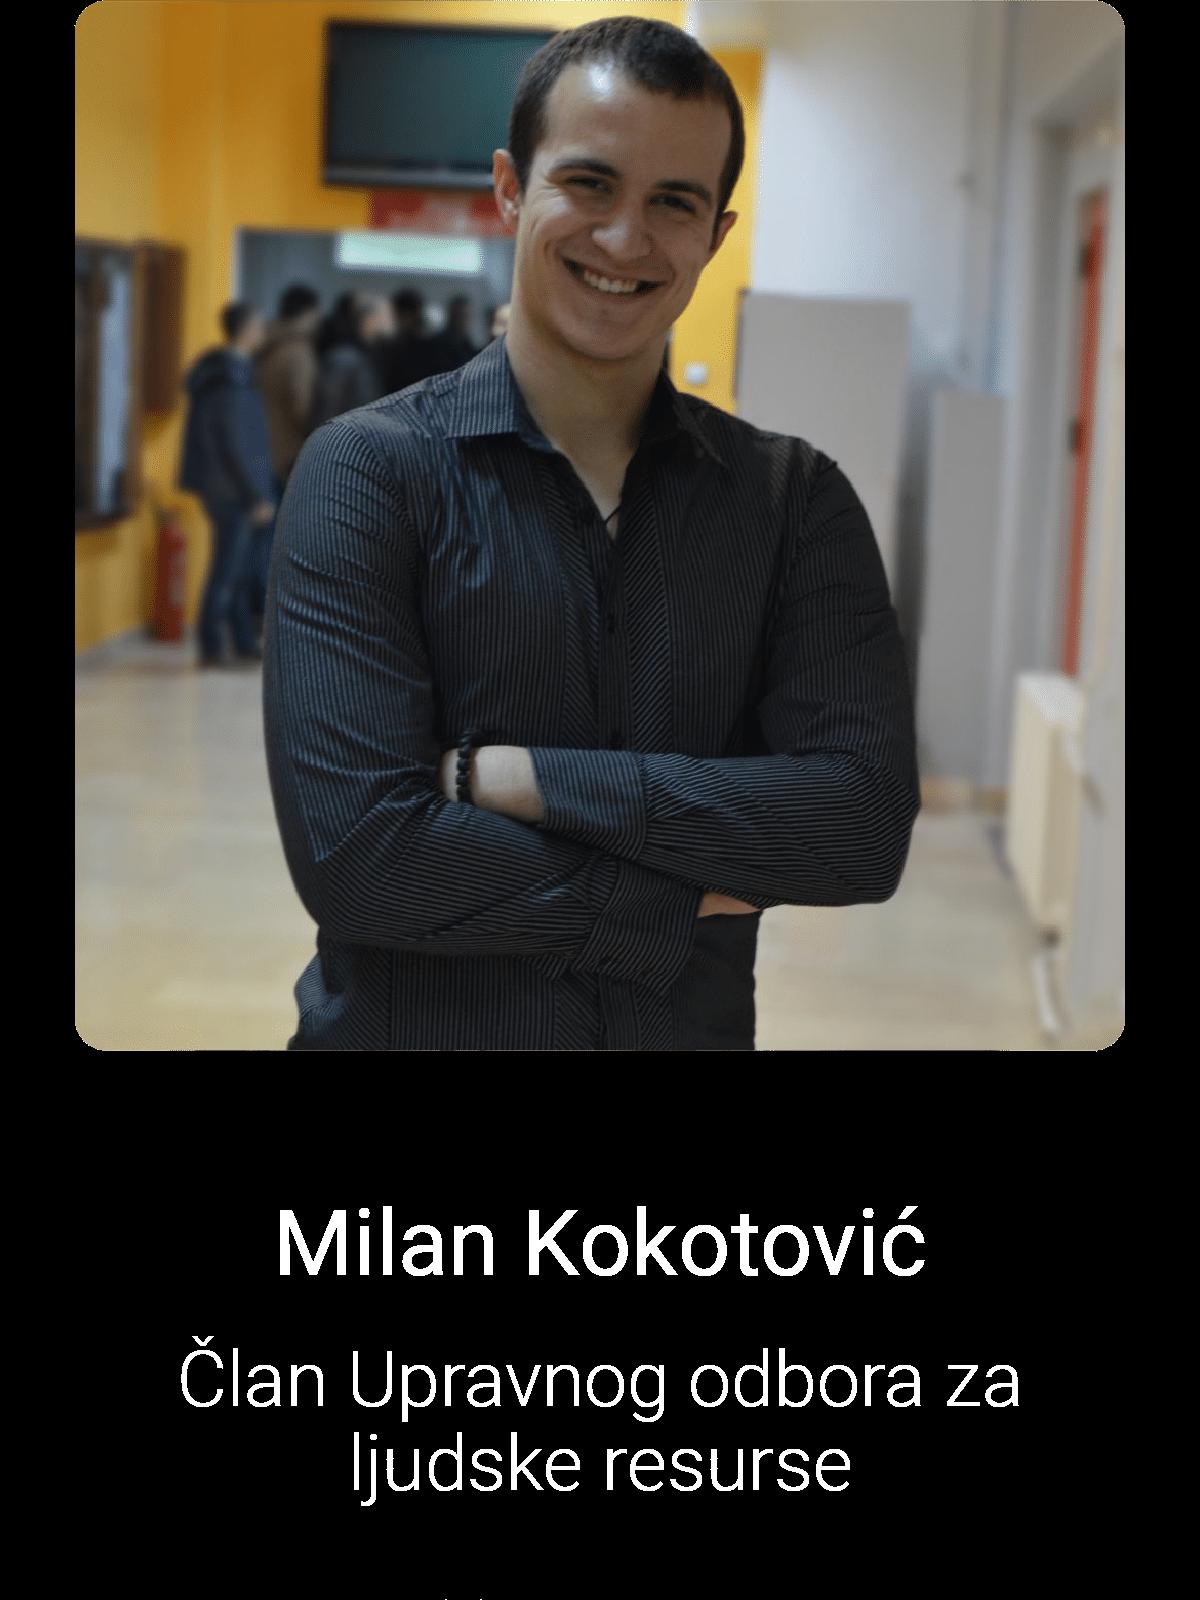 Milan Kokotović